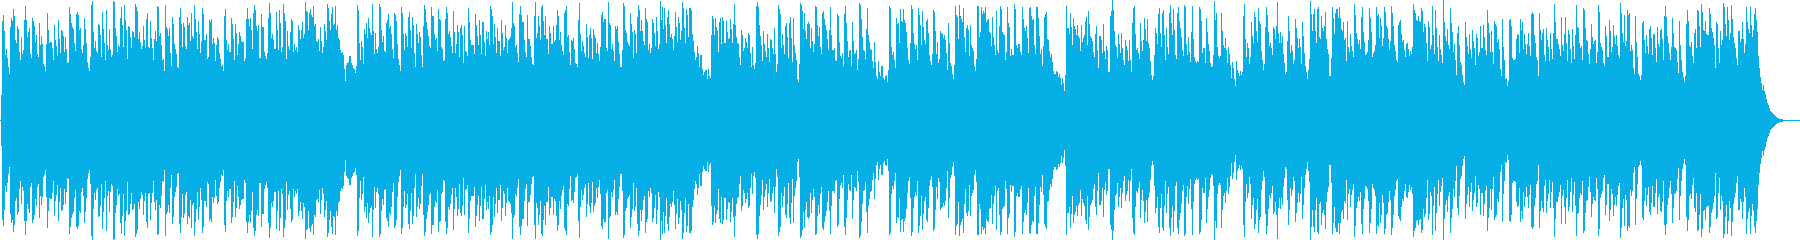 メヌエット ト長調 / バッハの再生済みの波形